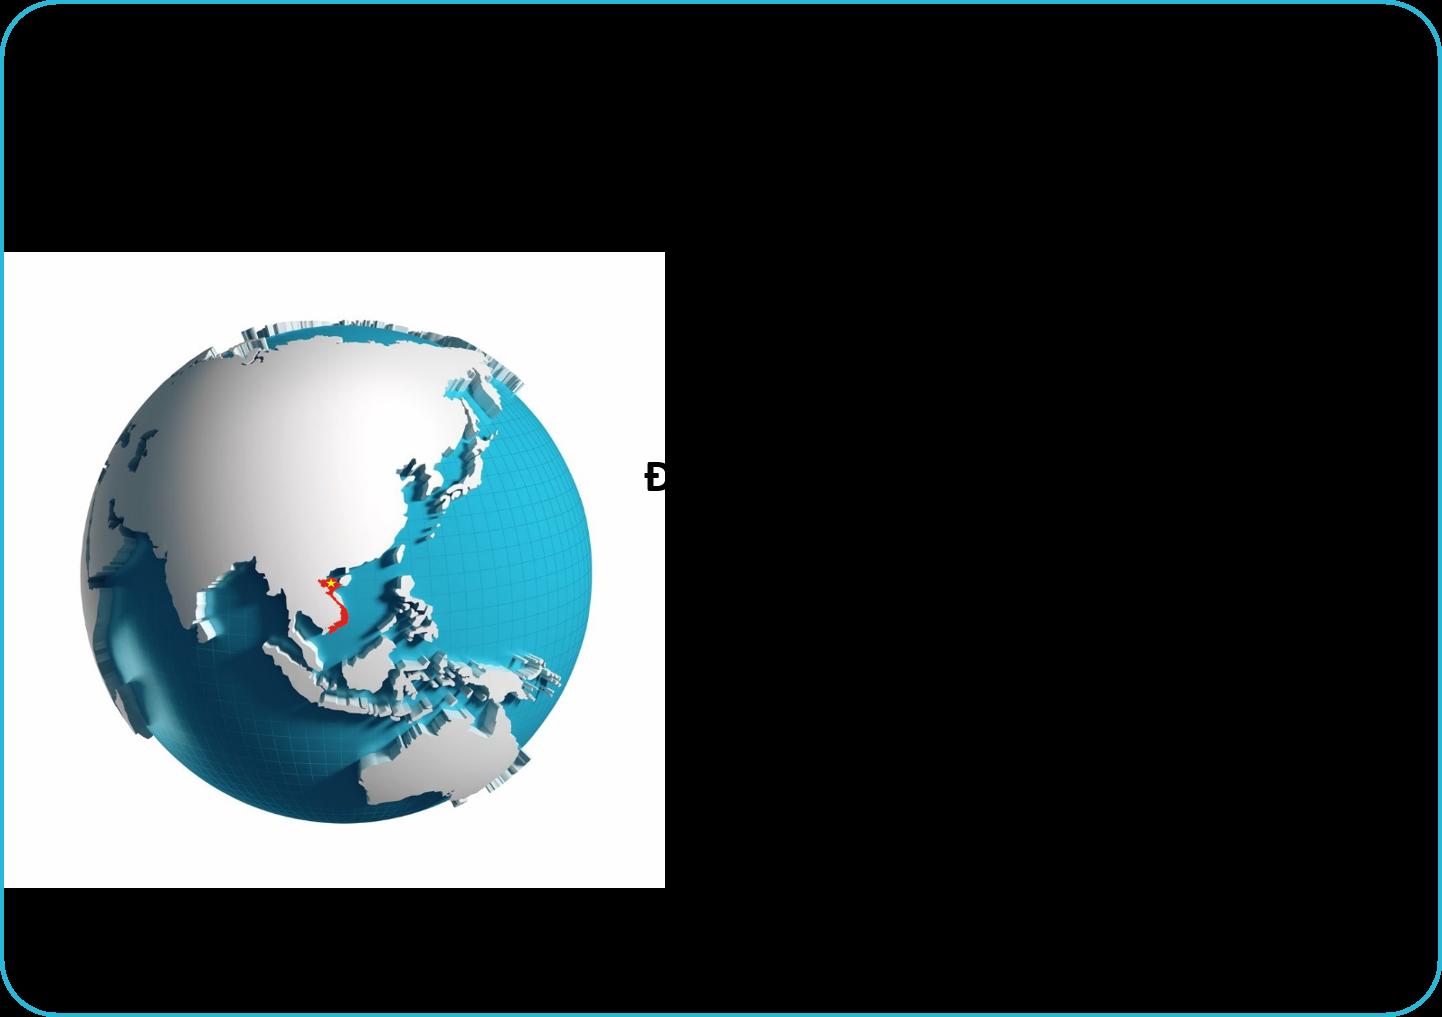 Cách thức gắn kết và hưởng lợi từ SHTT | Nguồn: Andrew Ong, WIPO